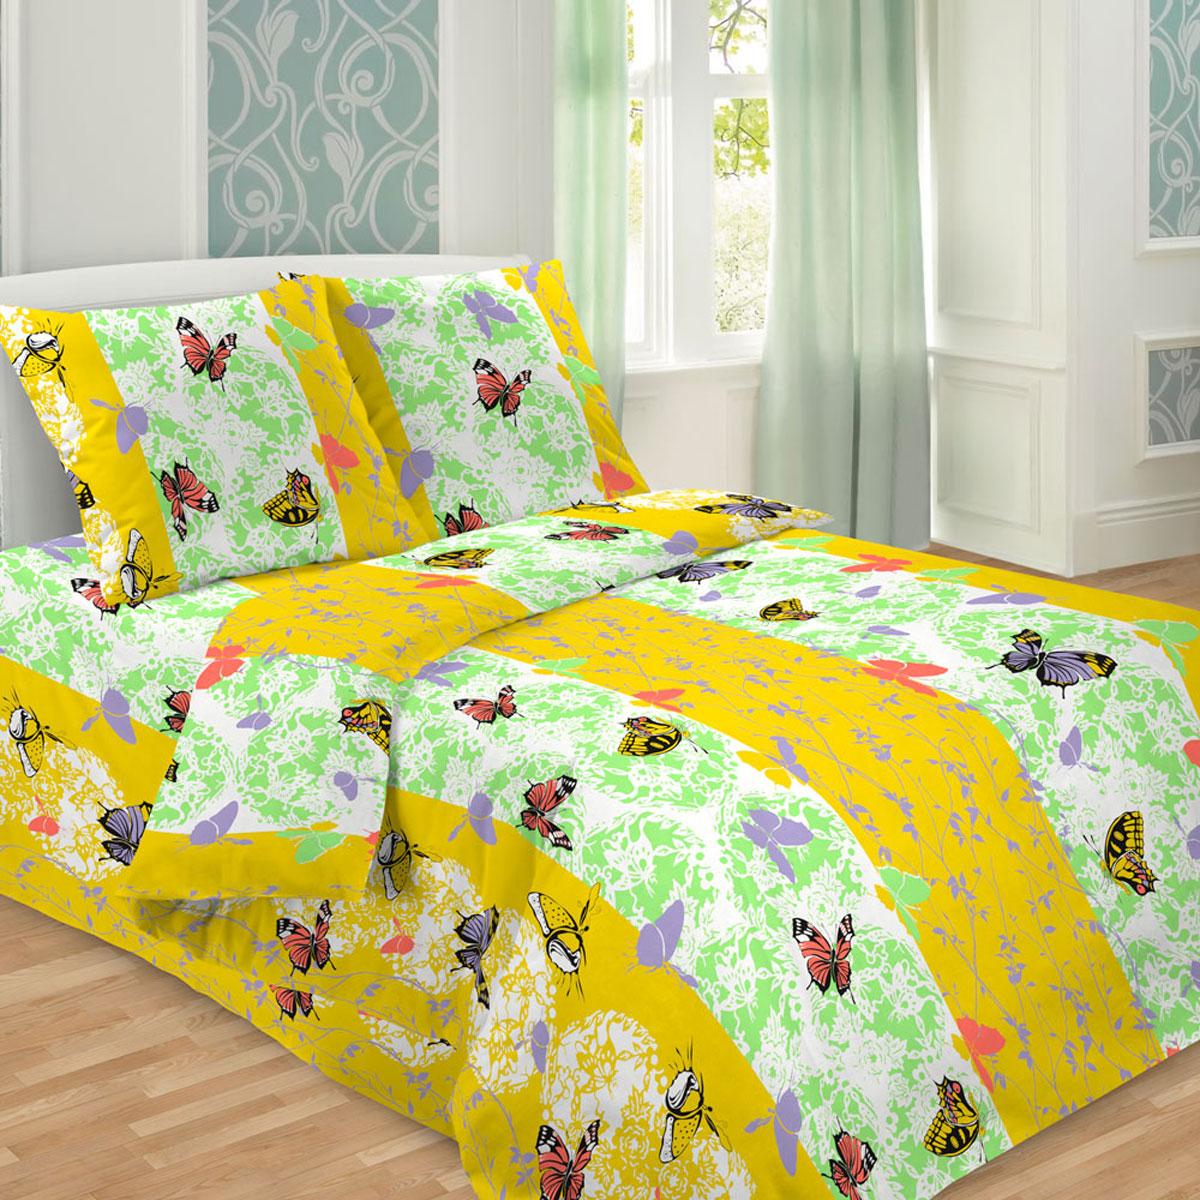 Комплект белья Letto Традиция, 1,5-спальный, наволочки 70x70, цвет: желтый. В214-3В214-3Комплект постельного белья Letto с фирменным оригинальным дизайном выполнен из бязи. Благодаря такому комплекту постельного белья вы сможете создать атмосферу уюта и комфорта в вашей спальне.